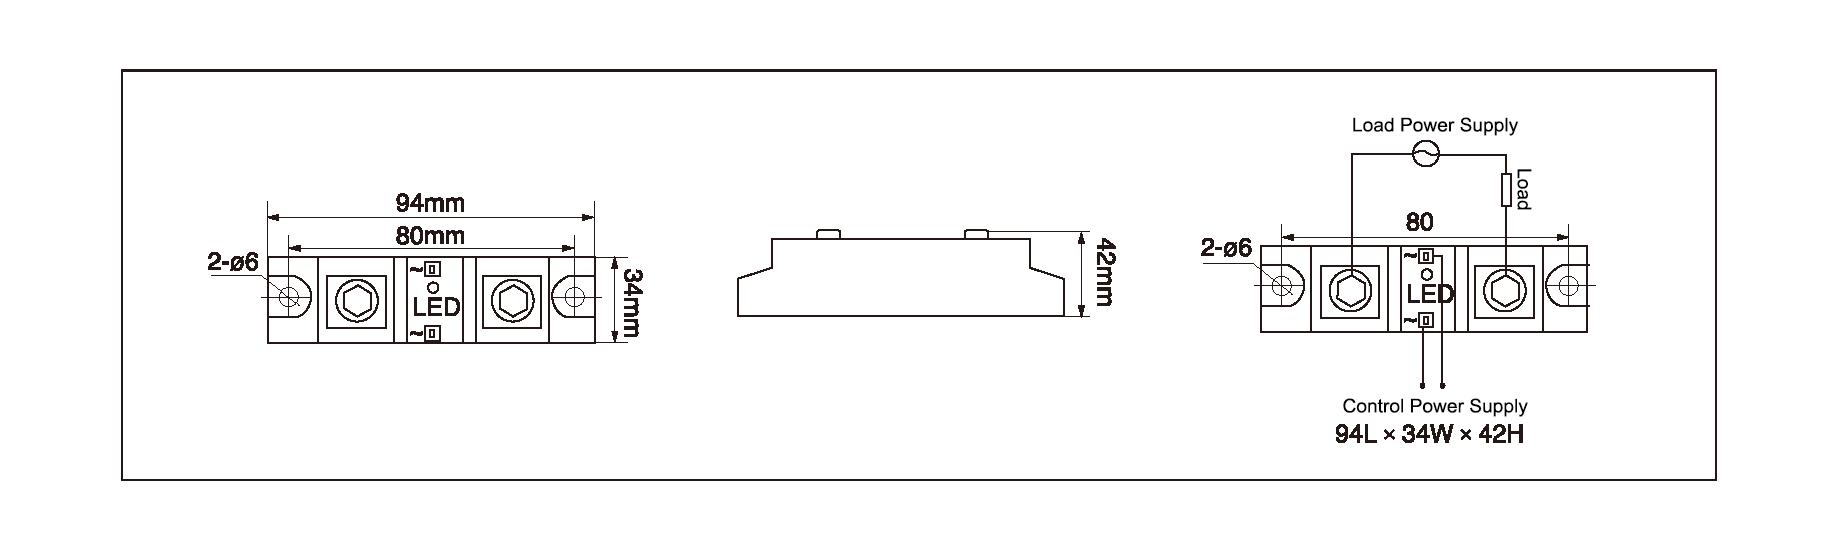 Dimension and circuit diagram - MGR H12 series